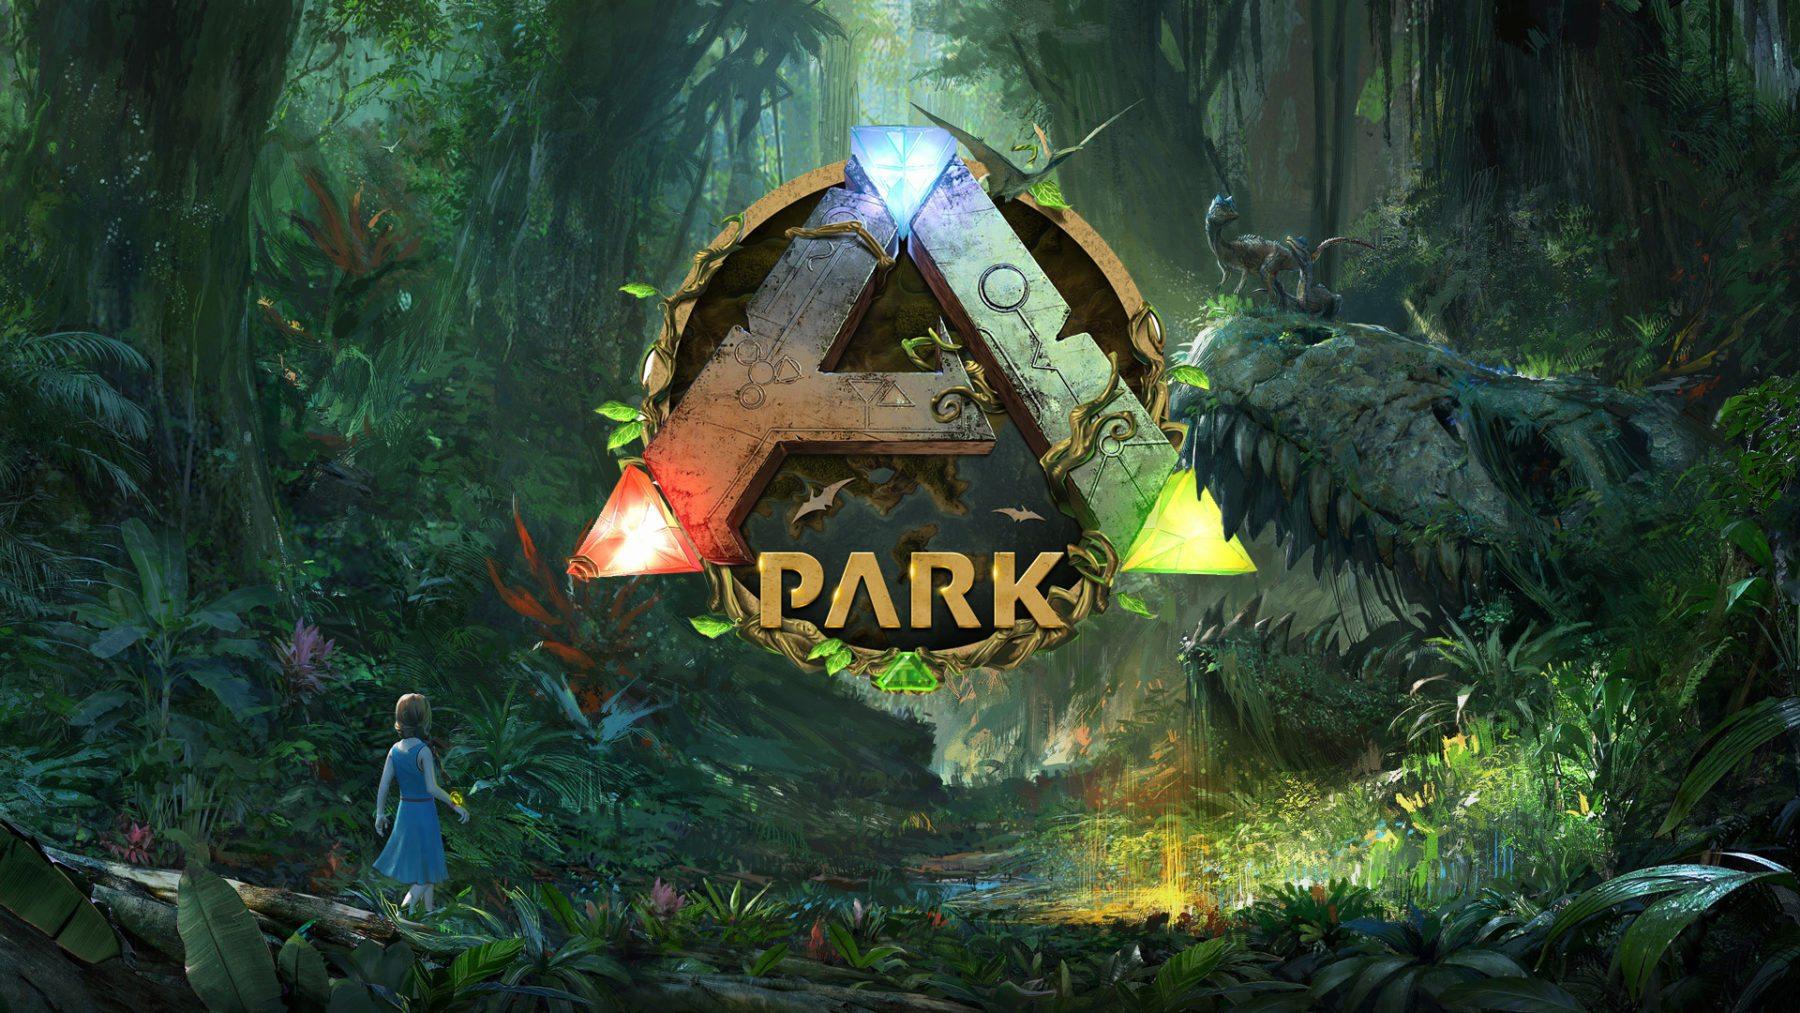 ARK Park ahora disponible para plataformas VR